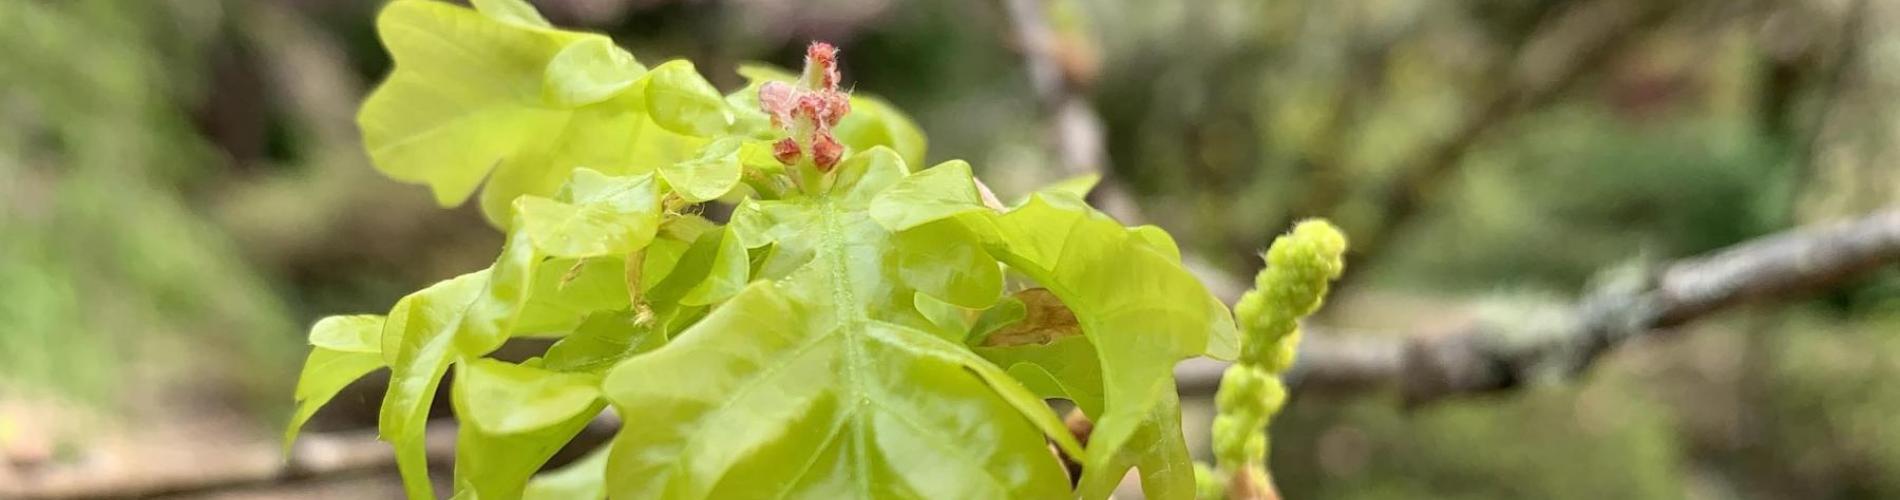 Quercus robur 'Concordia' © Niall Dunne